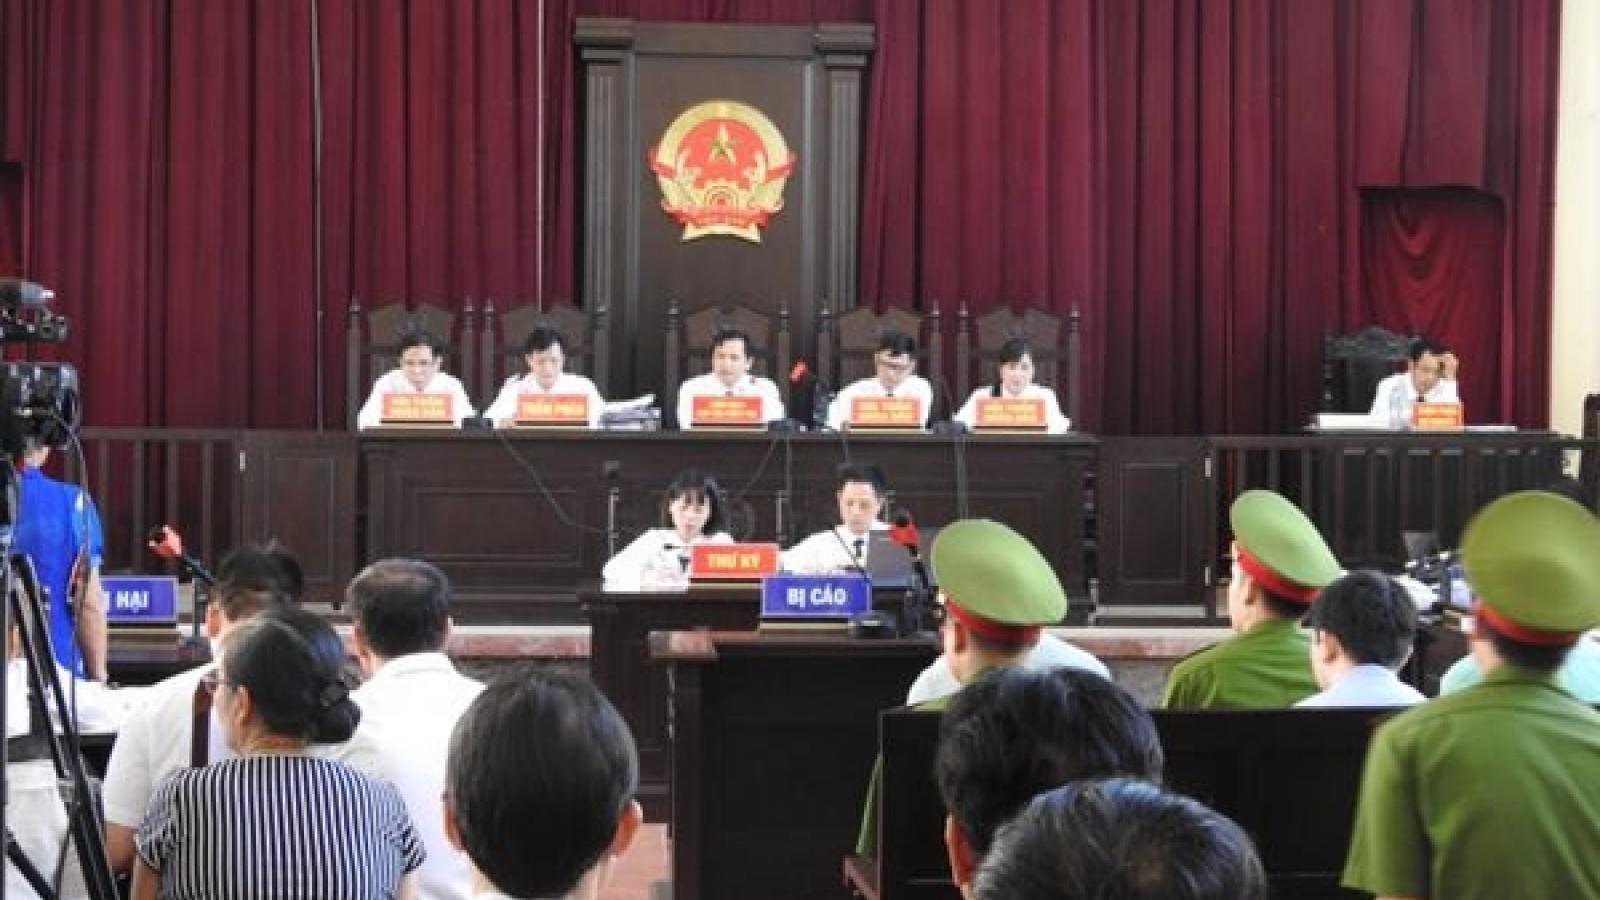 Đổi mới cơ chế để nguời dân tham gia nhiều hơn vào hoạt động của Tòa án